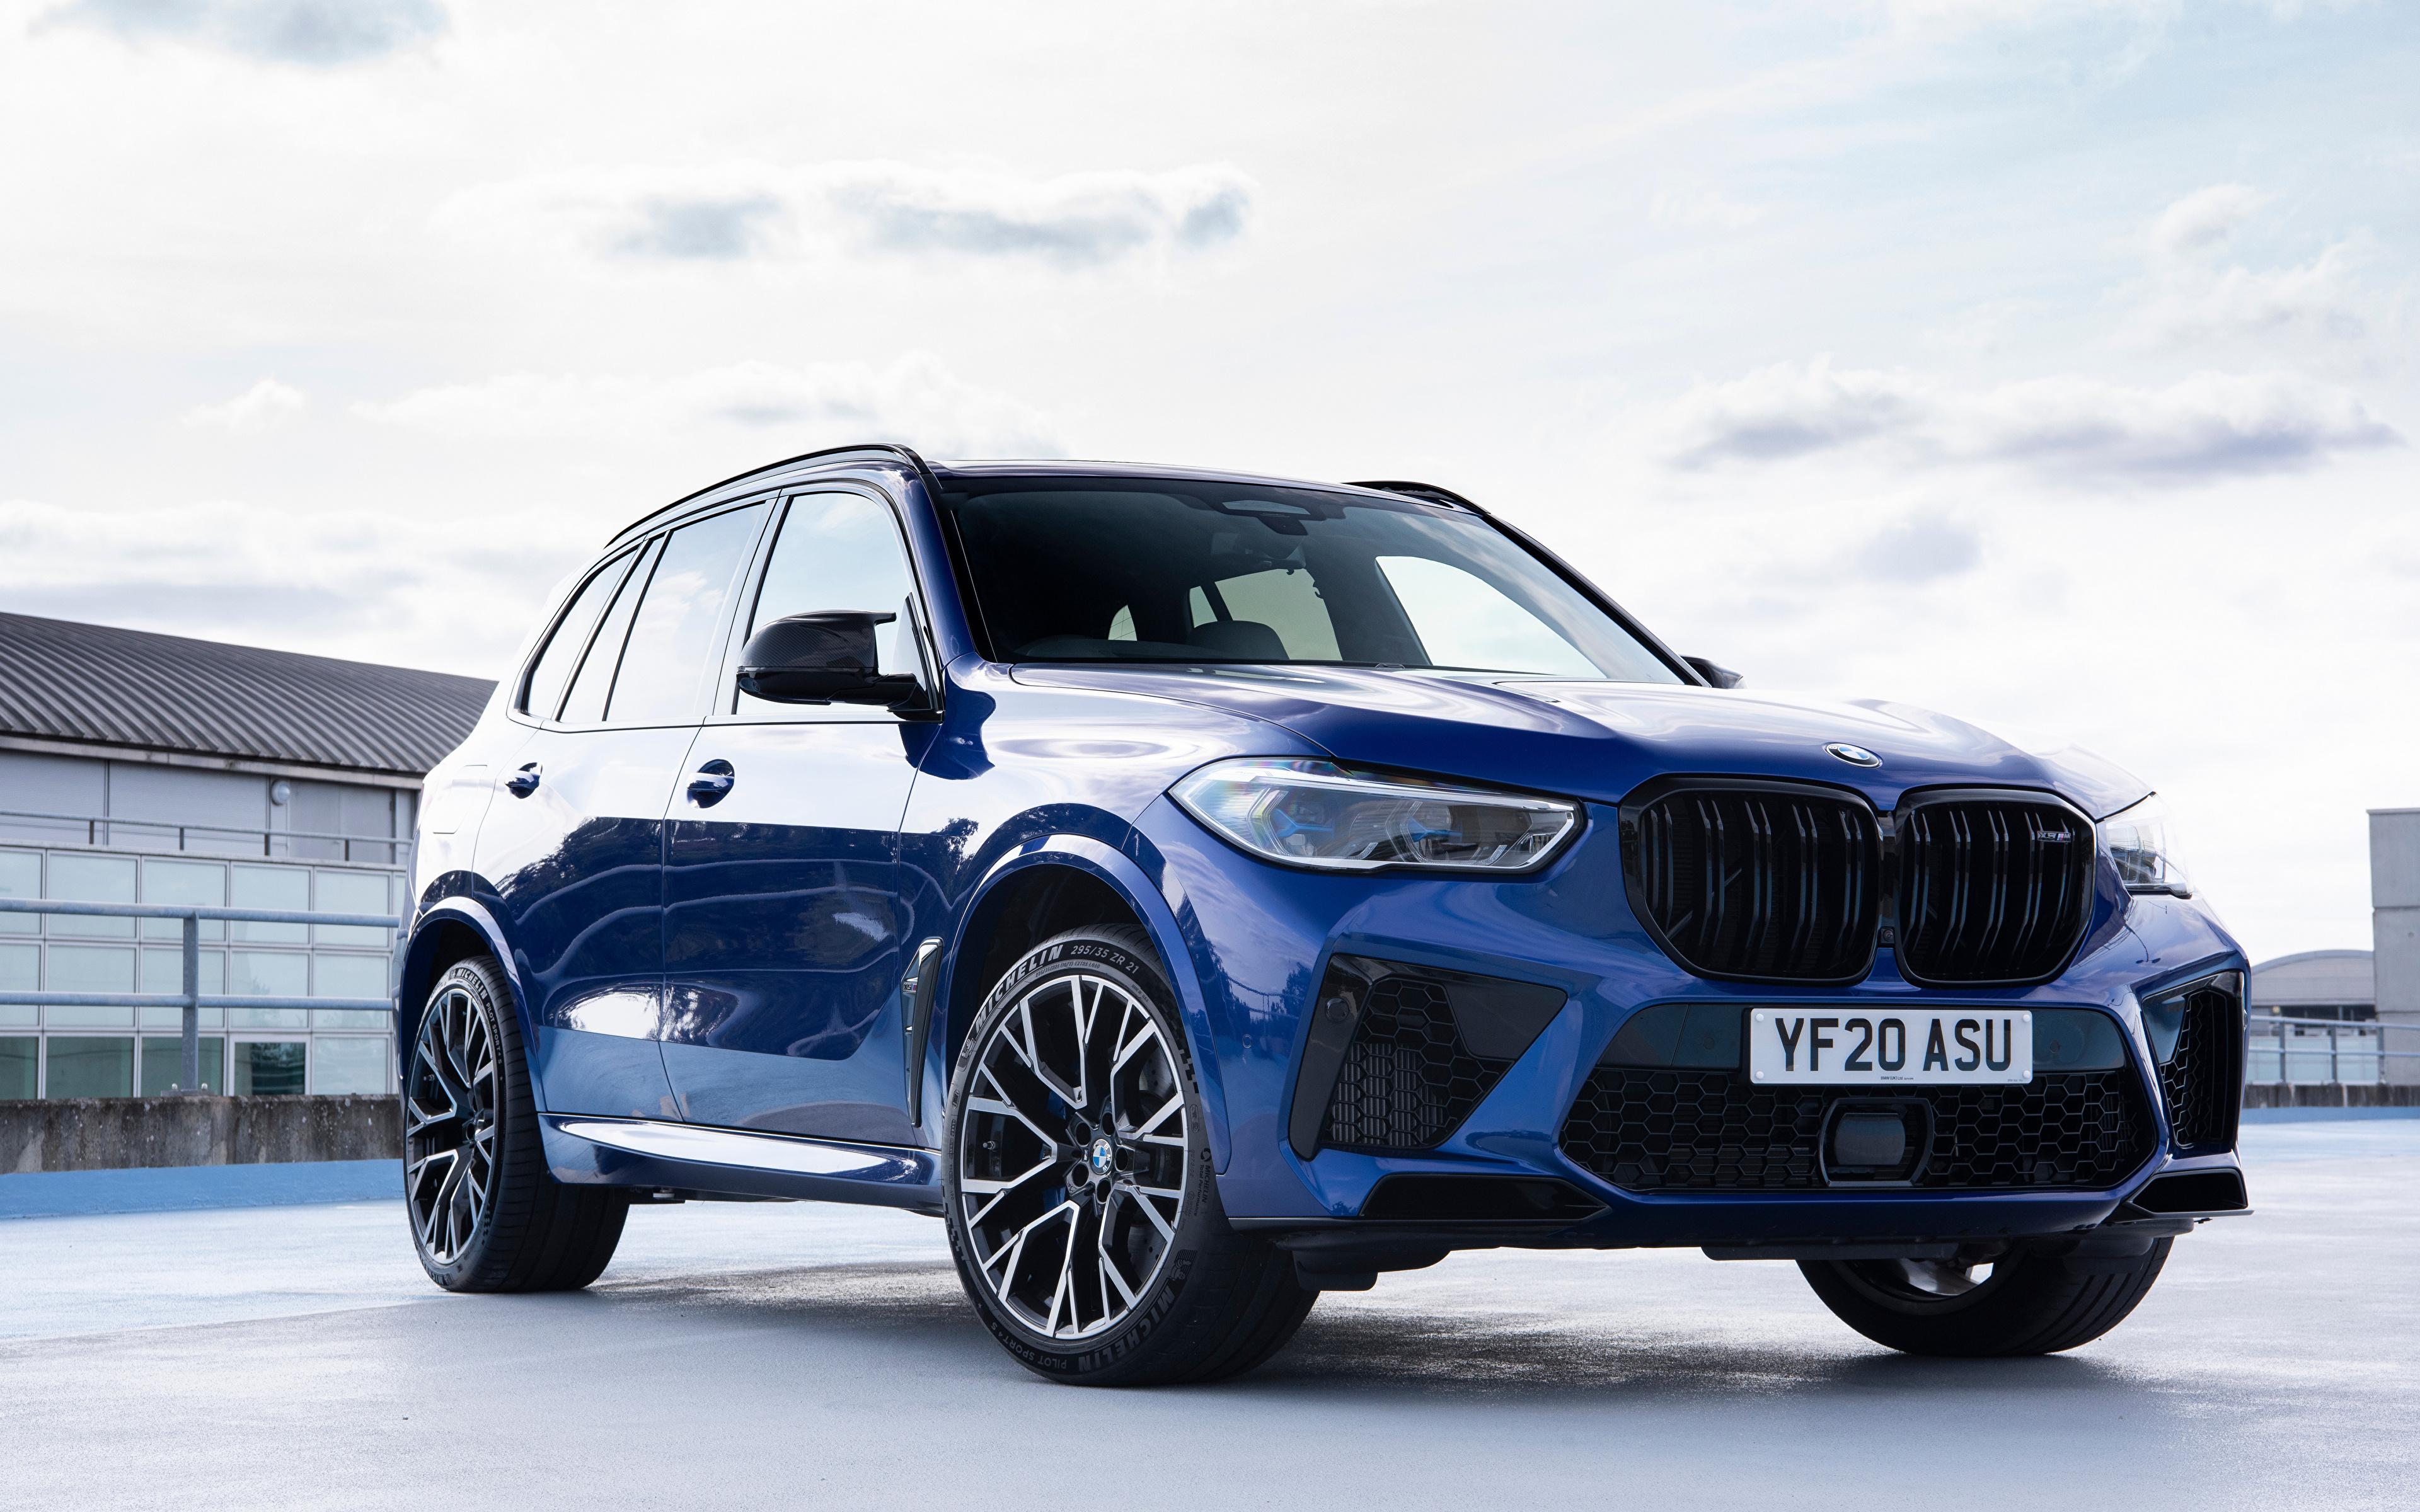 Обои для рабочего стола BMW Кроссовер X5 M Competition UK-spec (F95), 2020 Синий Металлик автомобиль 3840x2400 БМВ CUV синяя синие синих авто машины машина Автомобили